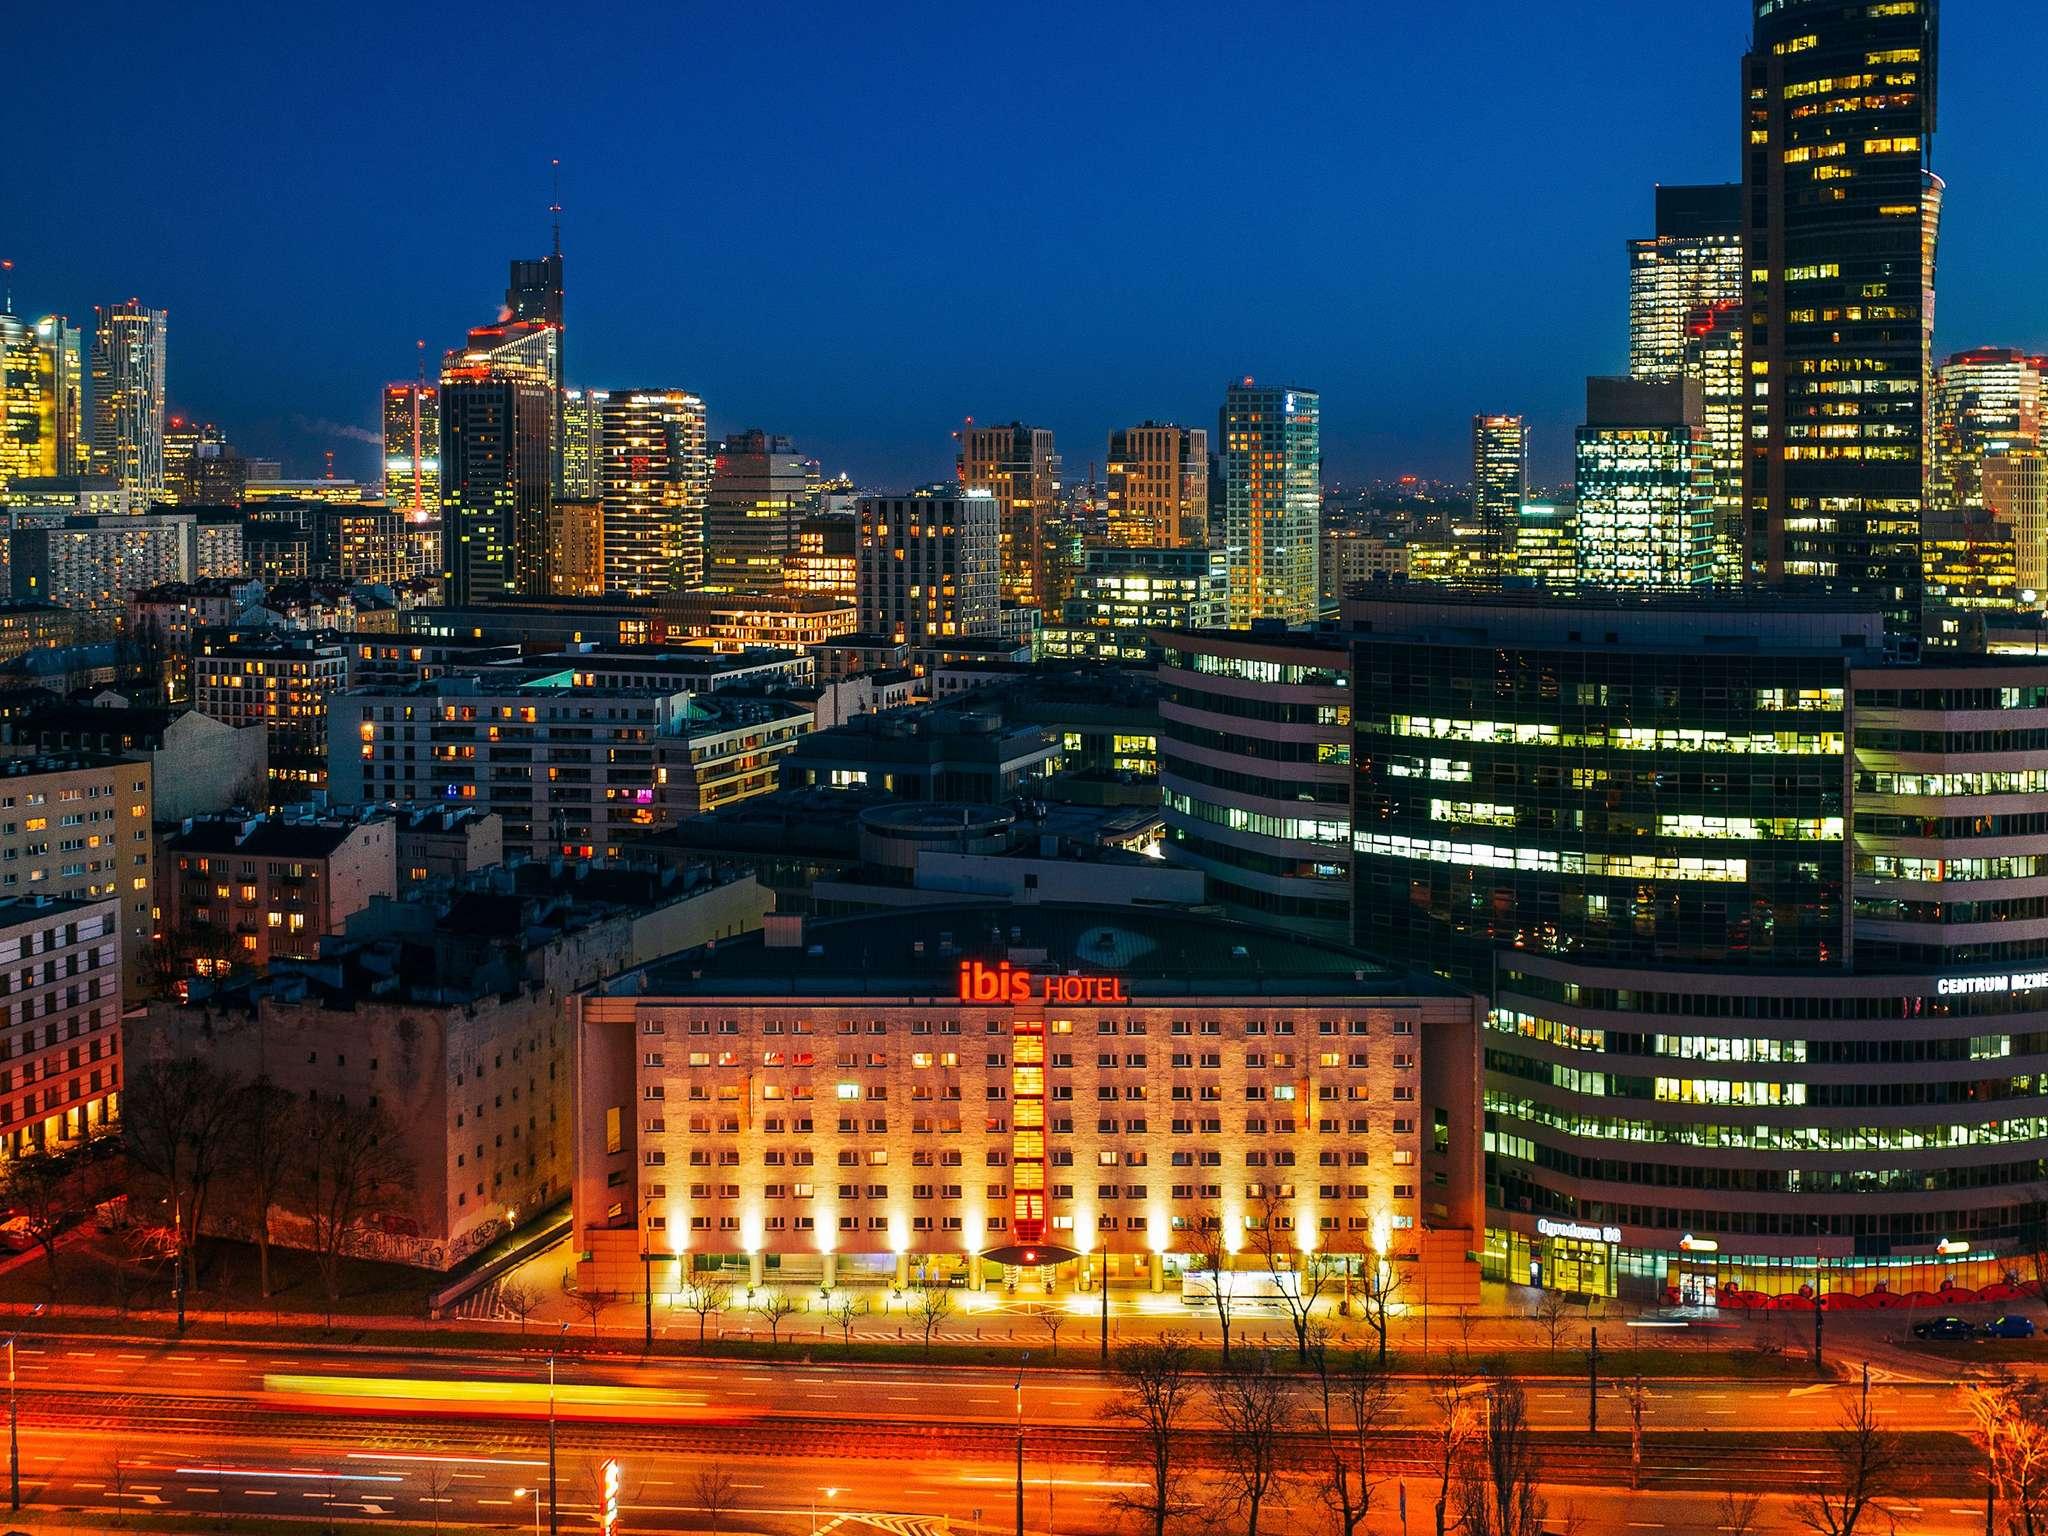 Hotell – ibis Warszawa Centrum - Hostel Warszawa Centrum